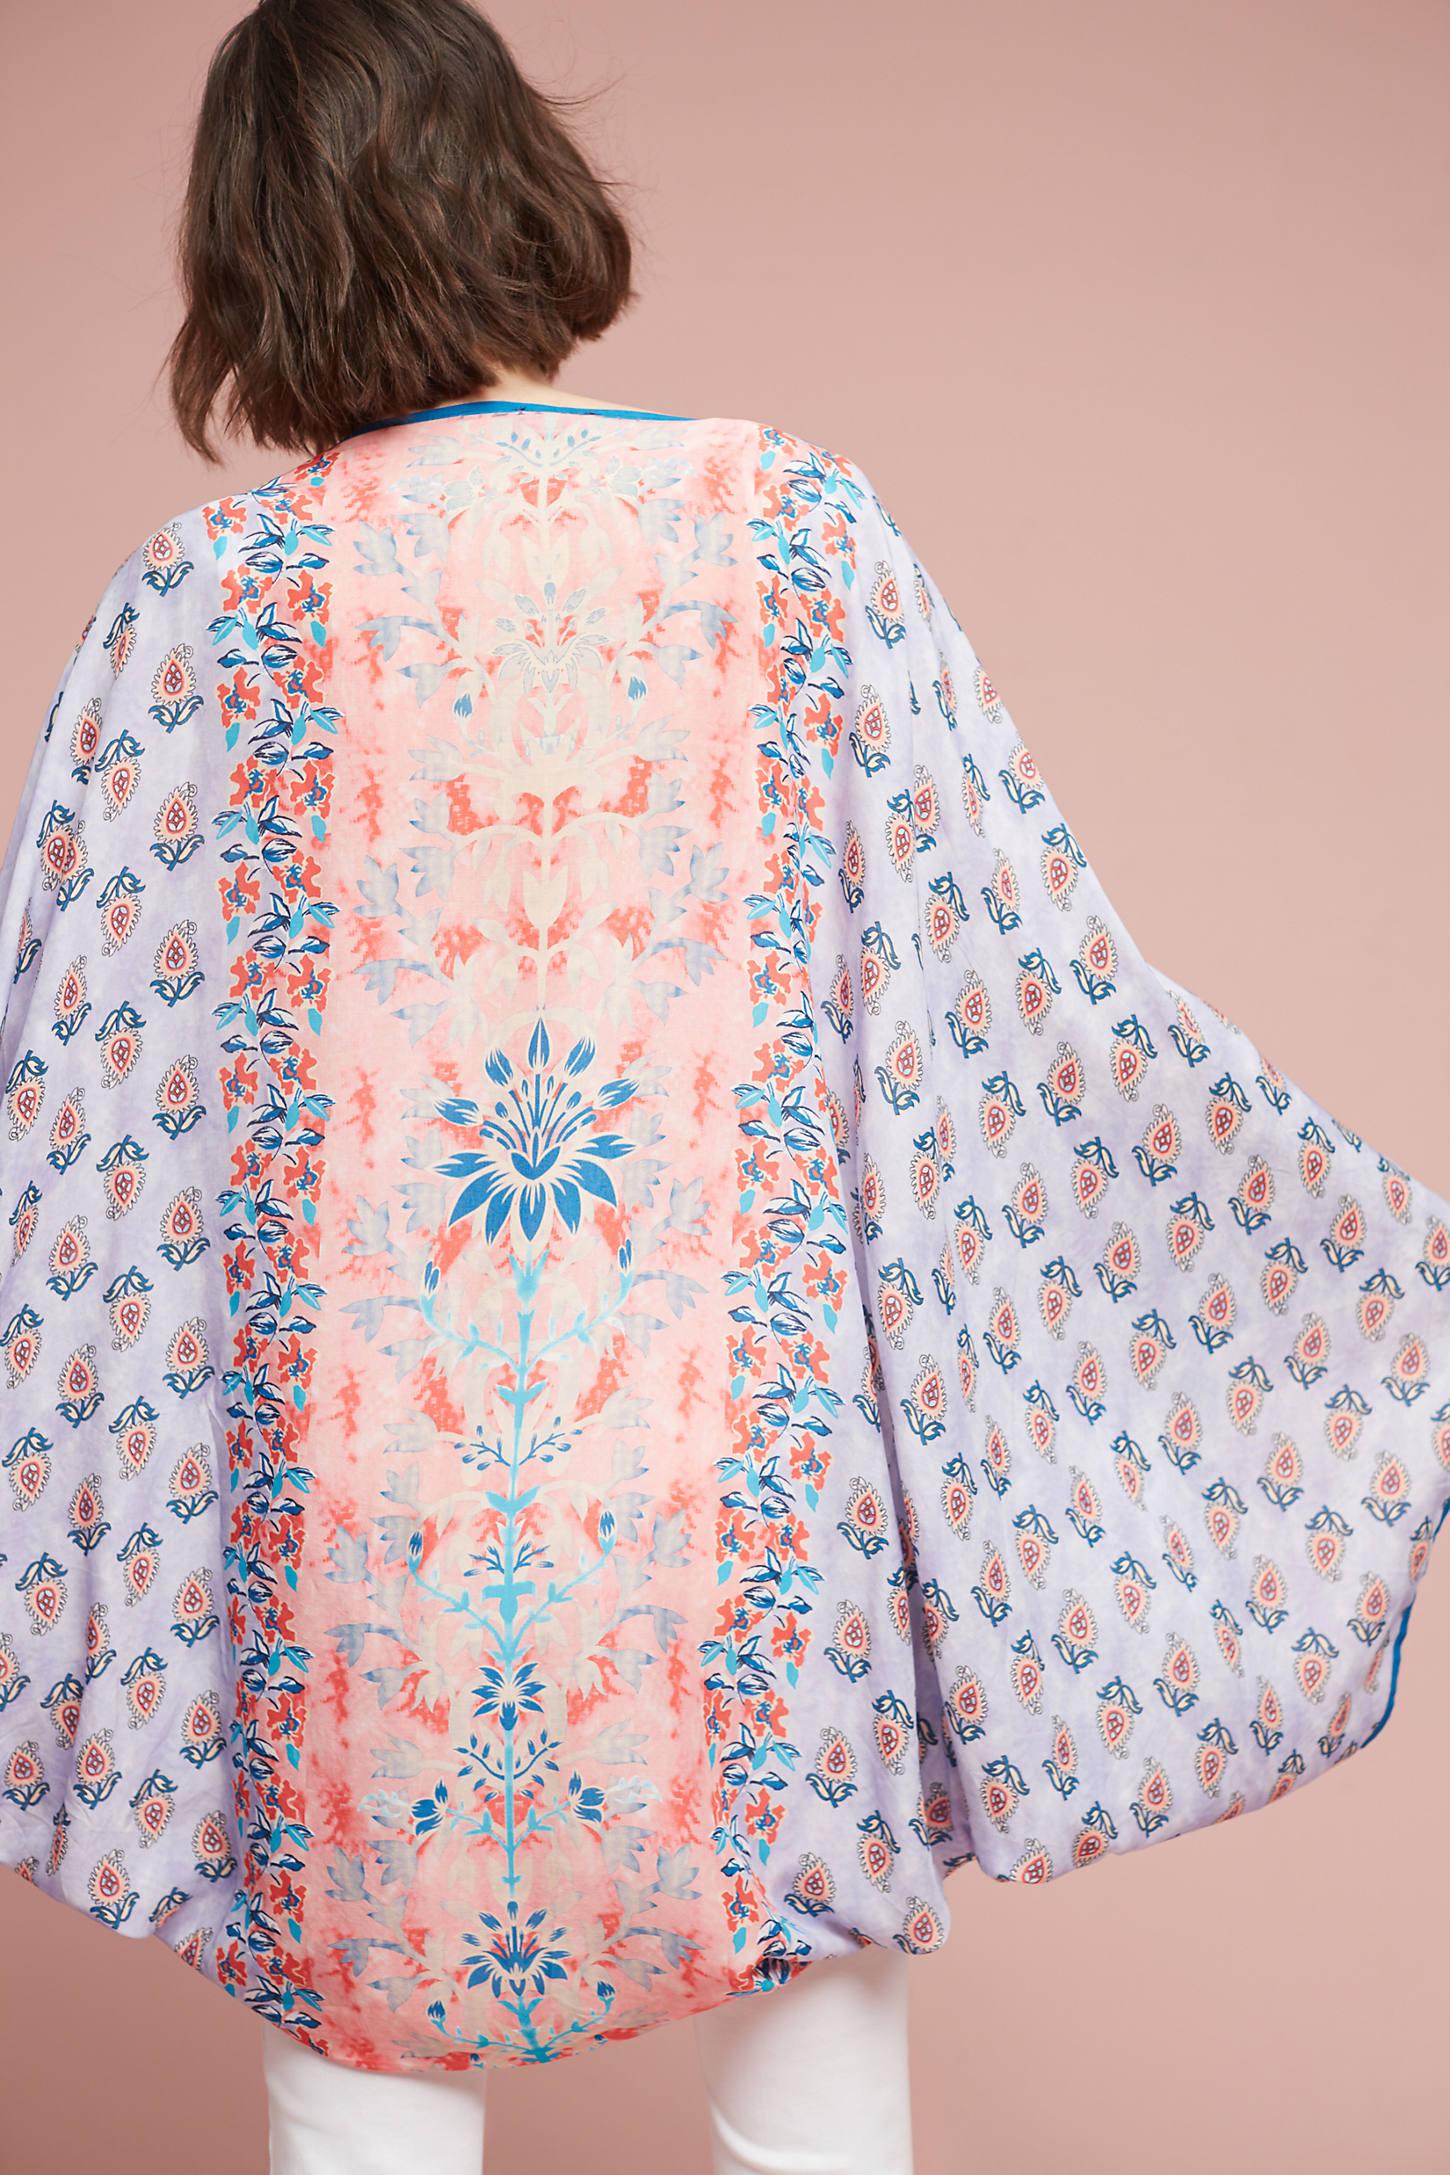 Coco Printed Kimono